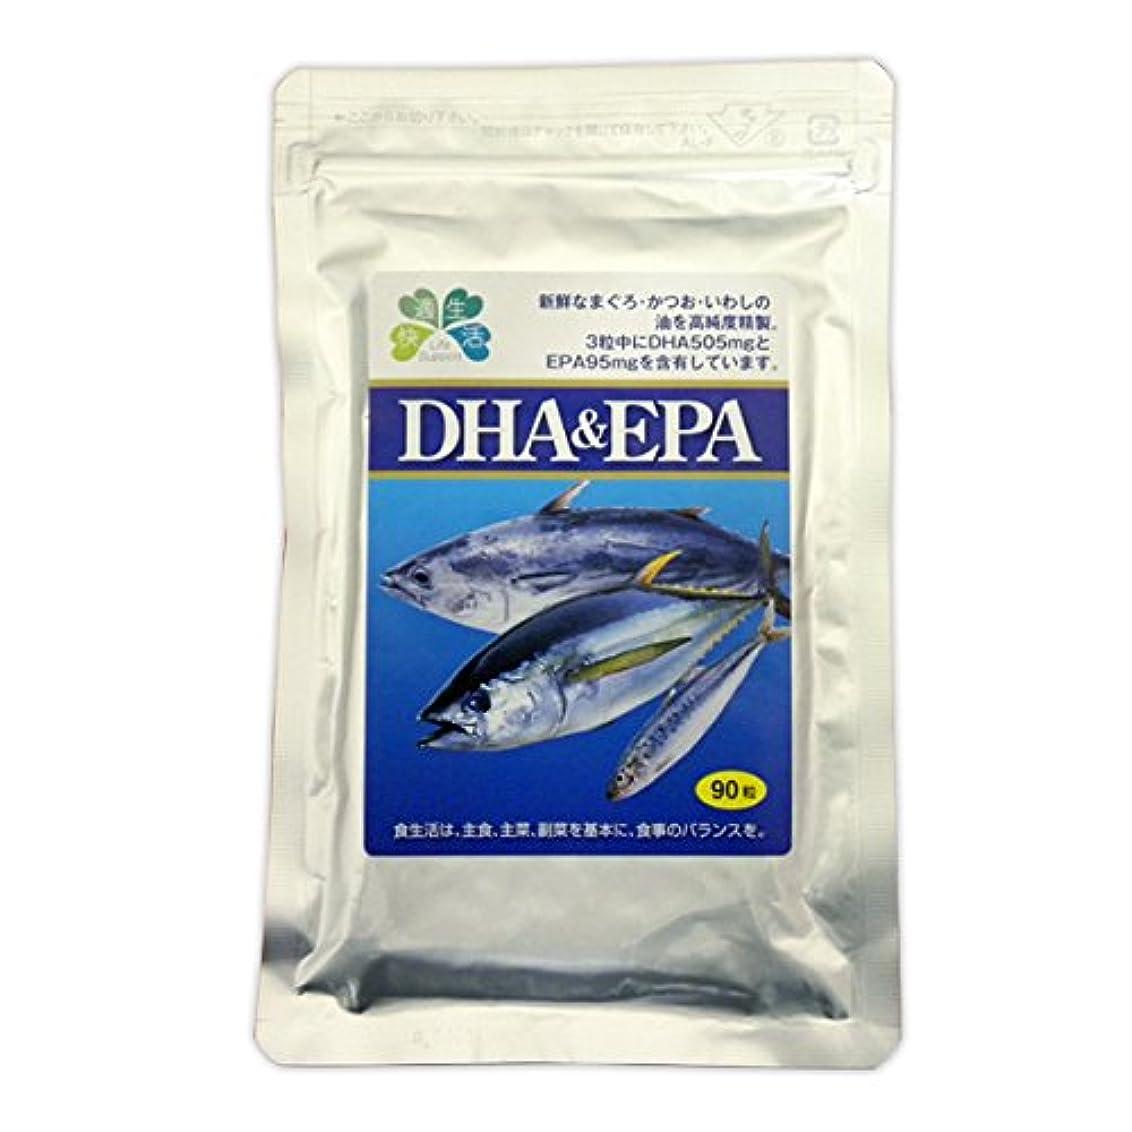 維持ハードリング北快適生活 DHA&EPA 4袋